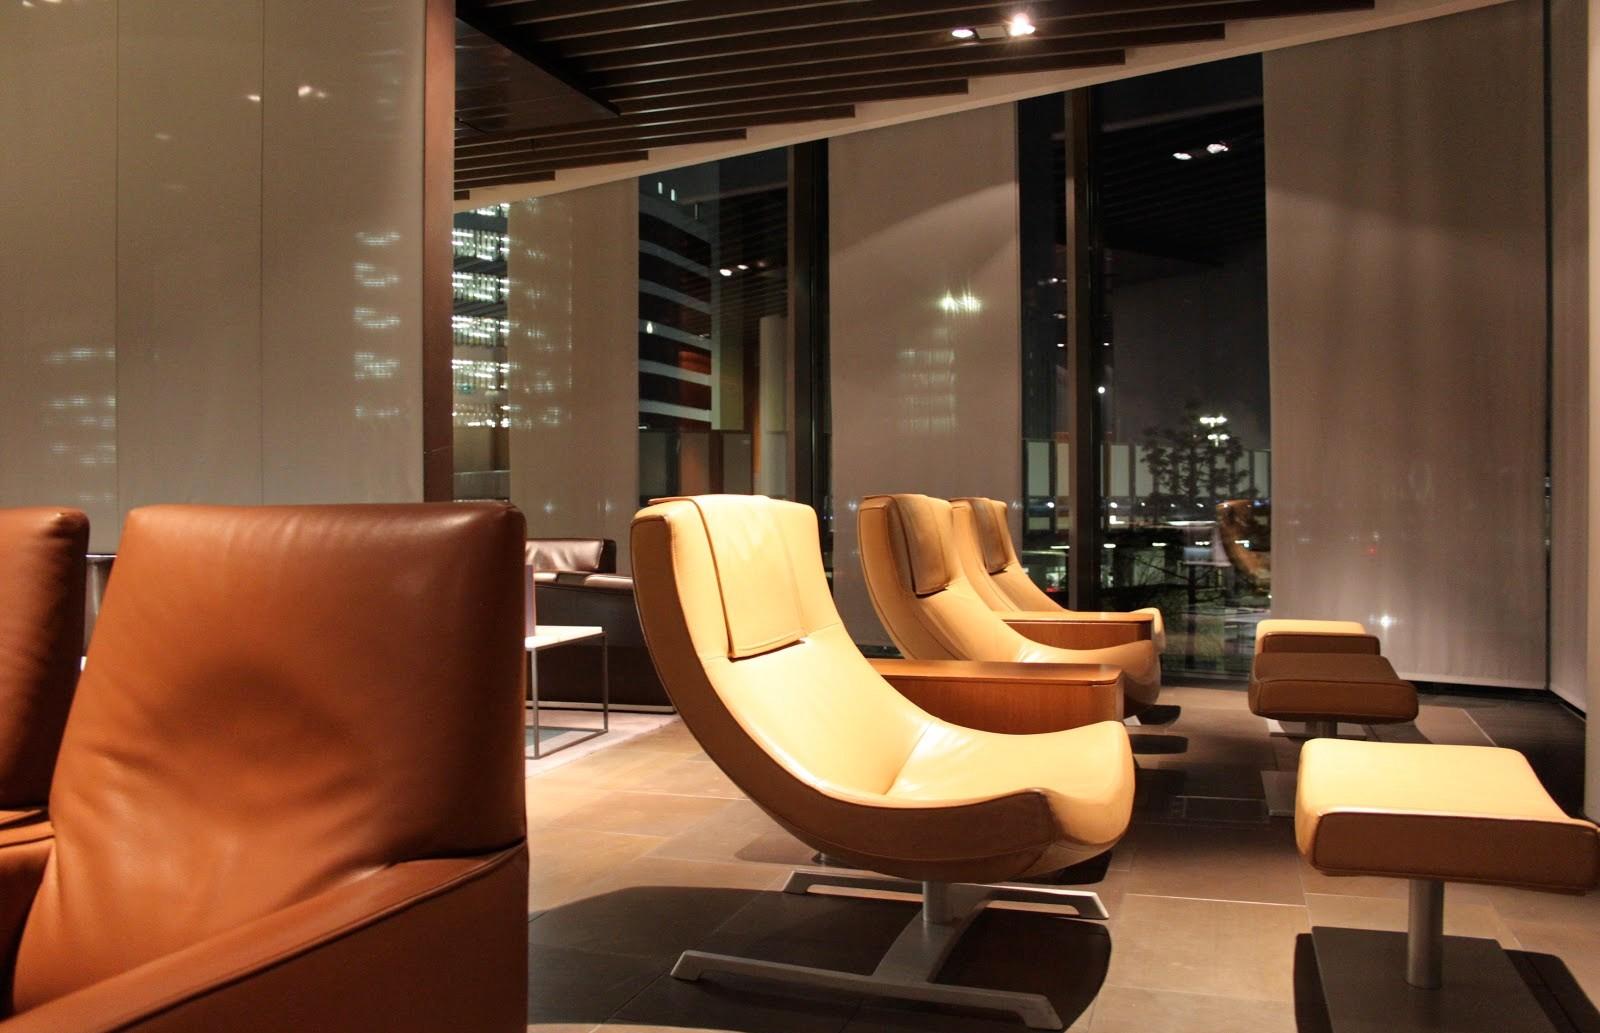 Lufthansa First Class Lounge Frankfurt